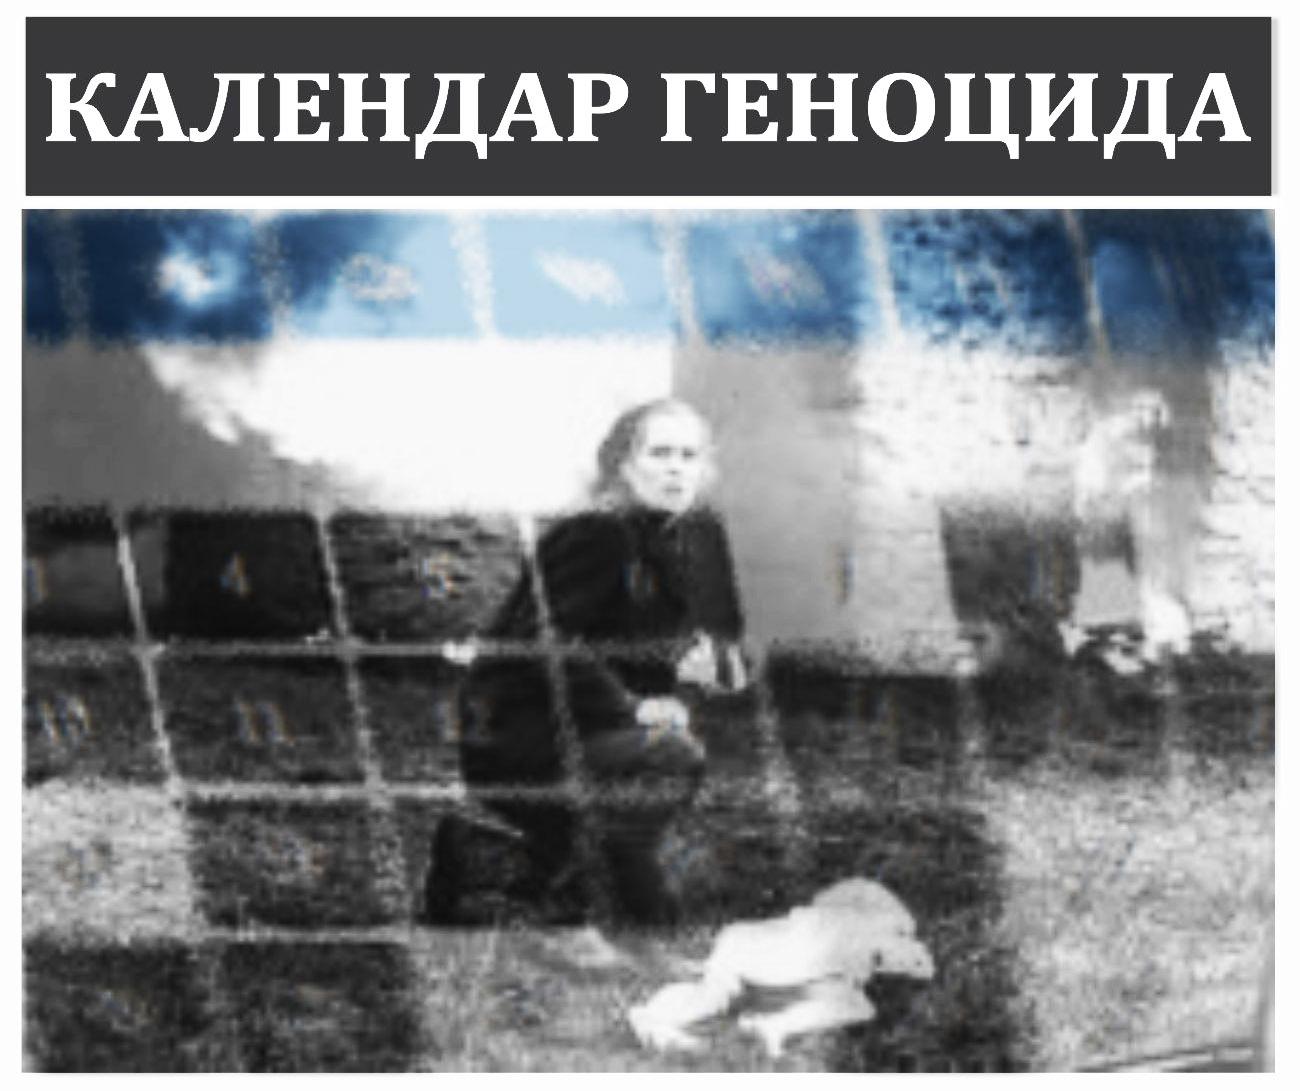 http://jadovno.com/tl_files/ug_jadovno/img/preporucujemo/2014/kalendar-genocida.jpg